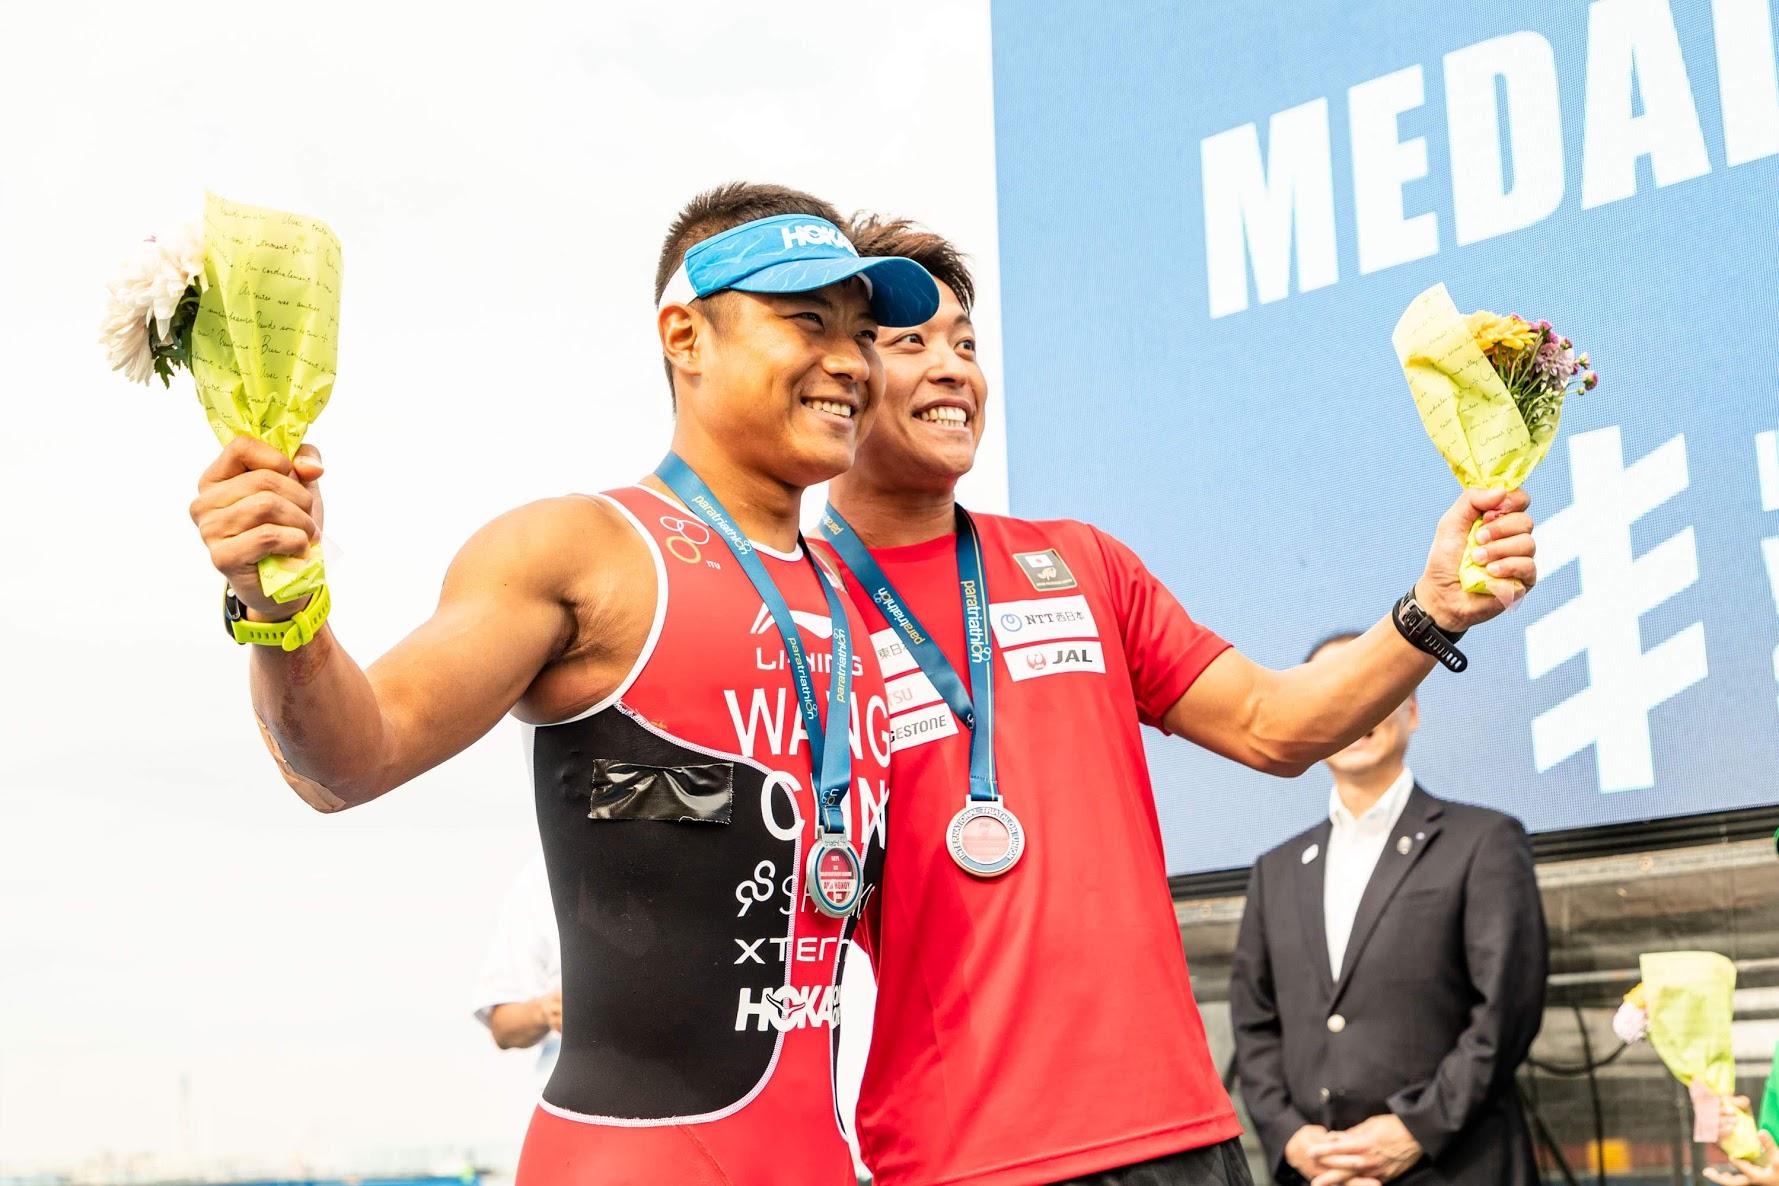 銀メダルの中国の王家超と銅メダルの日本の宇田秀生の表彰後 写真・木田光重